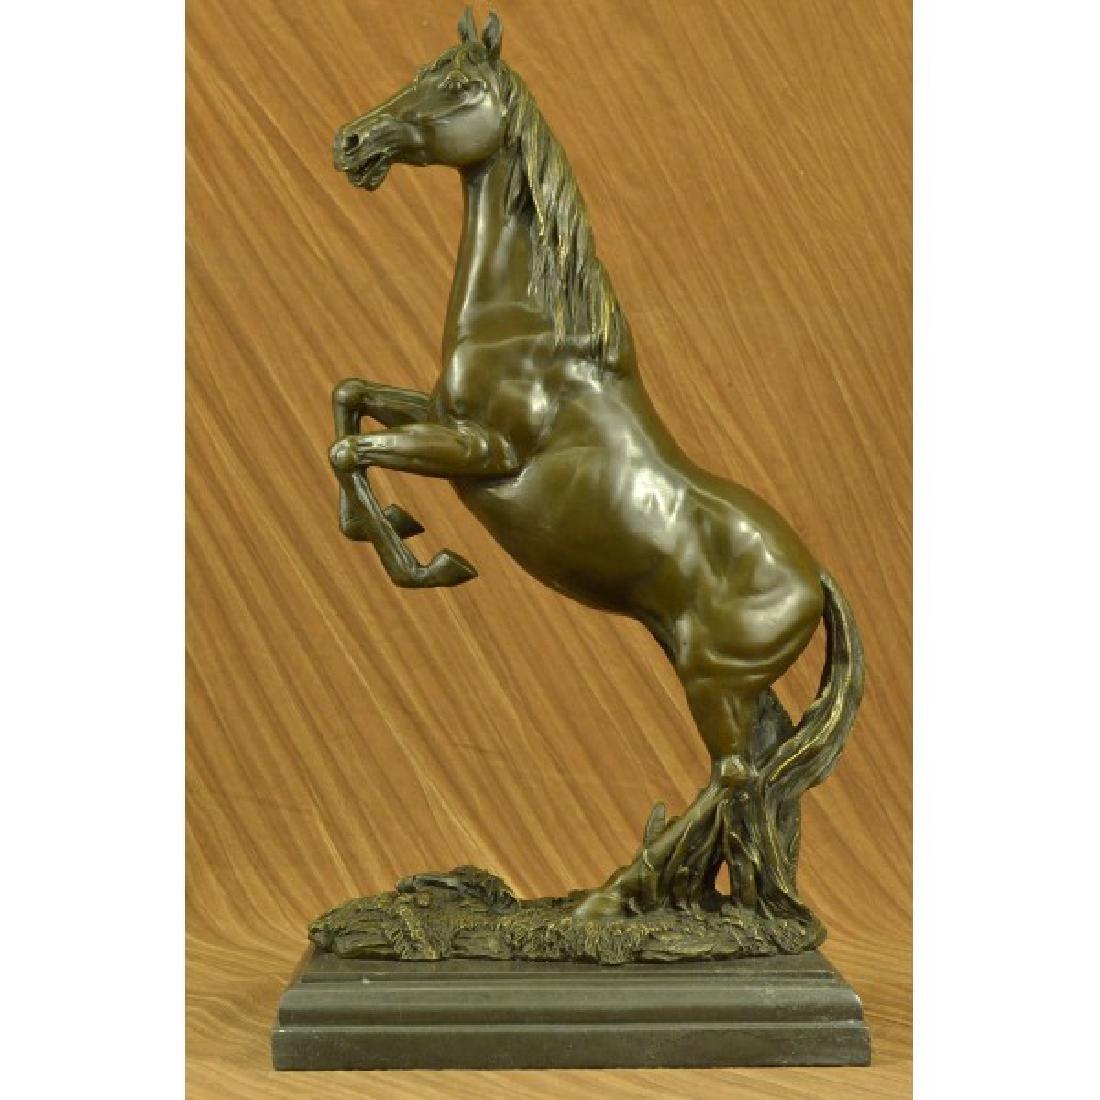 Massive Rearing Arabian Horse Wild Bronze Sculpture